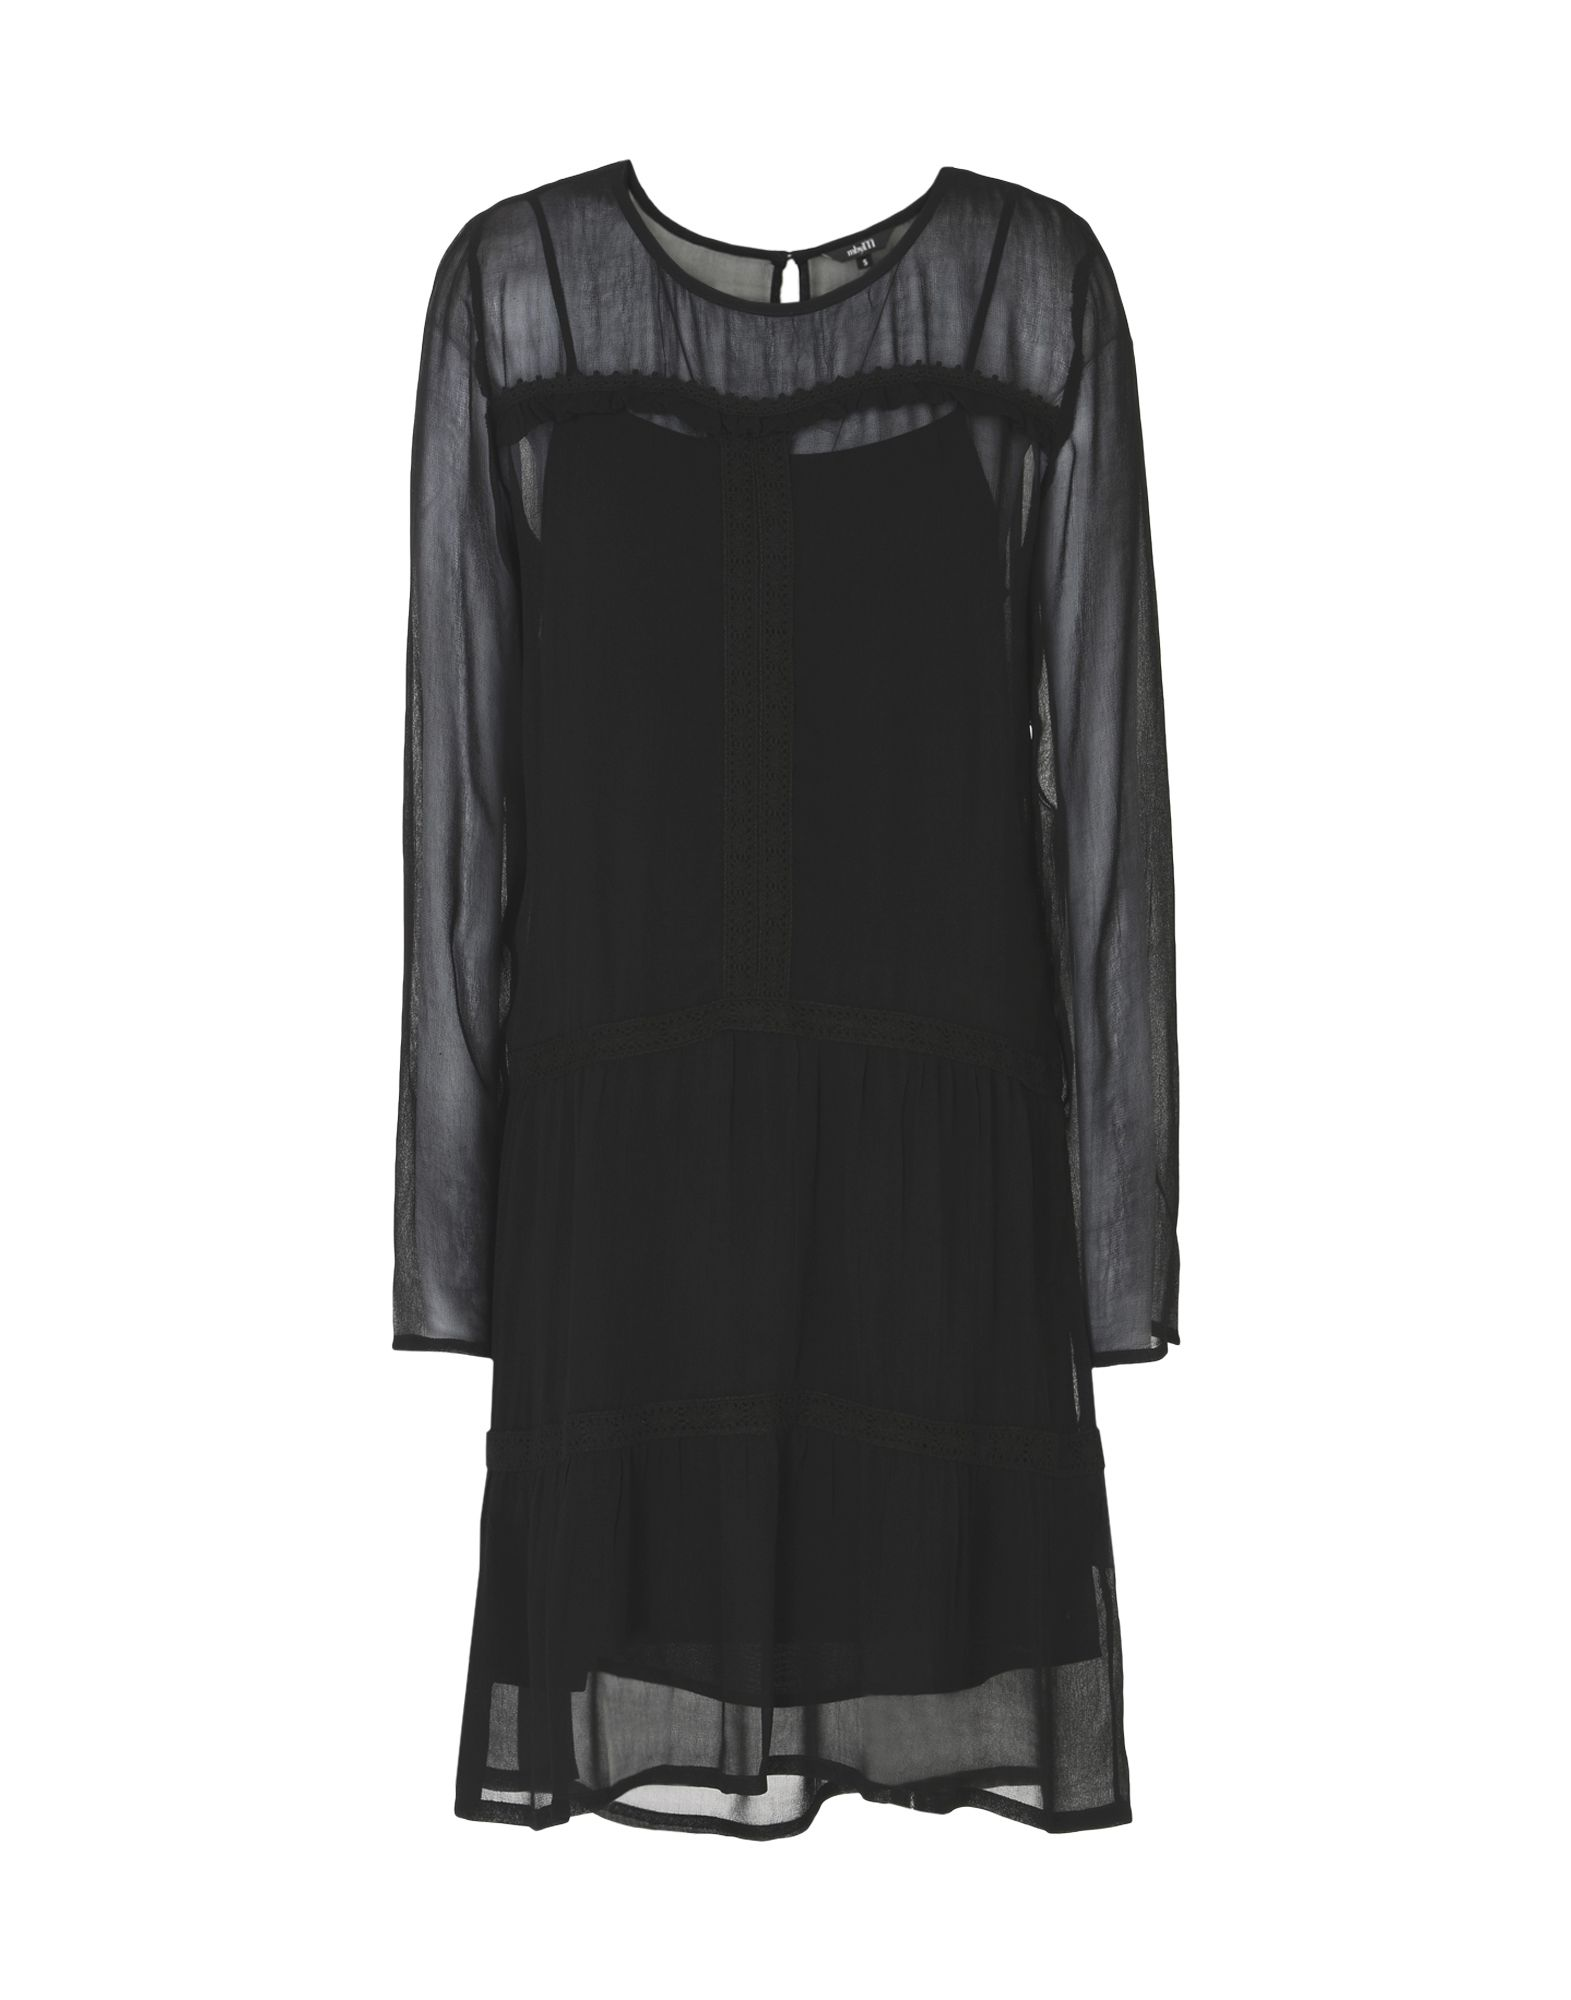 MBYM Short Dress in Black